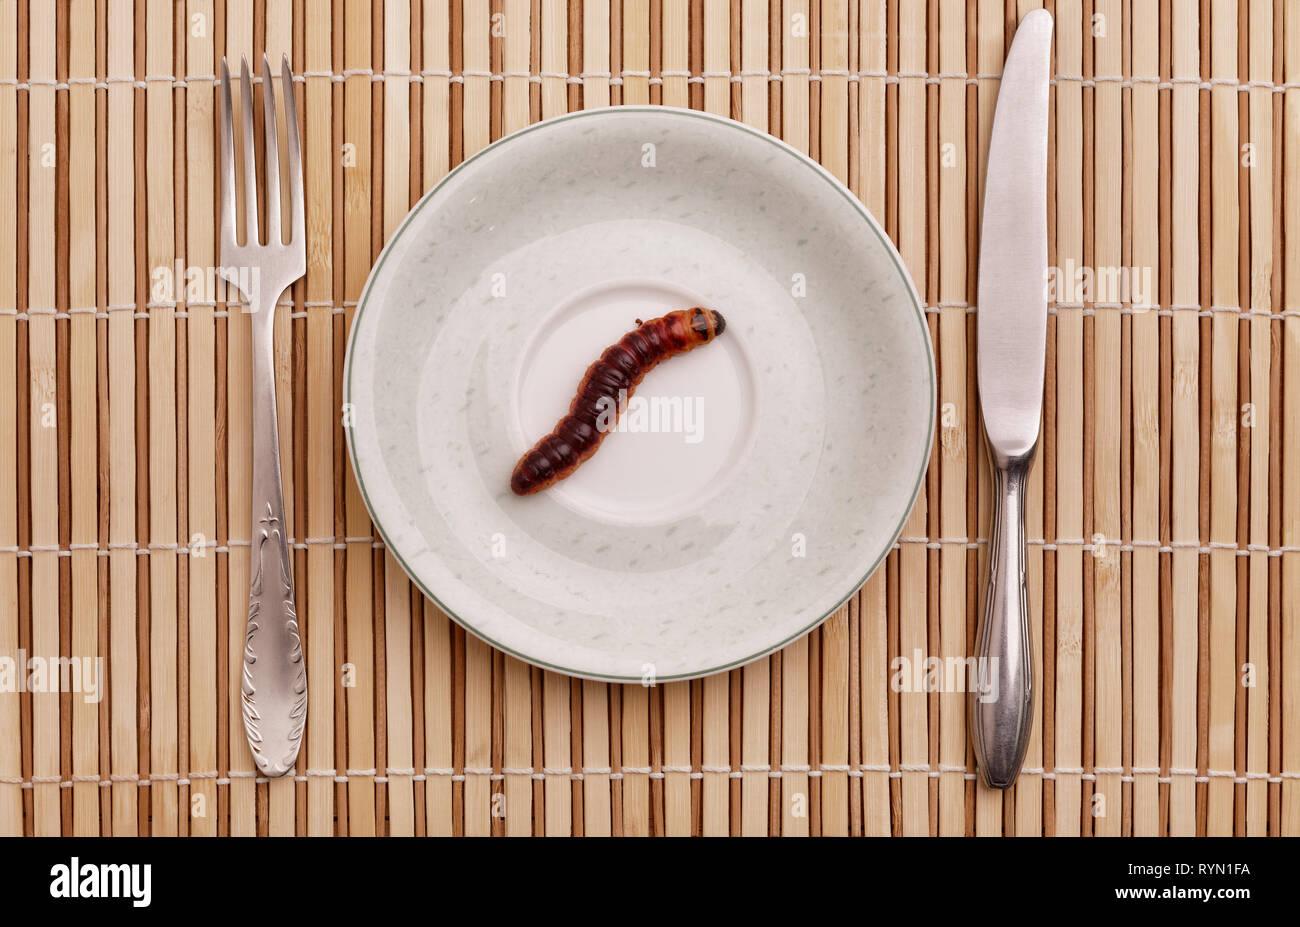 Goat Moth (Cossus cossus) caterpillar on plate, food concept - Stock Image